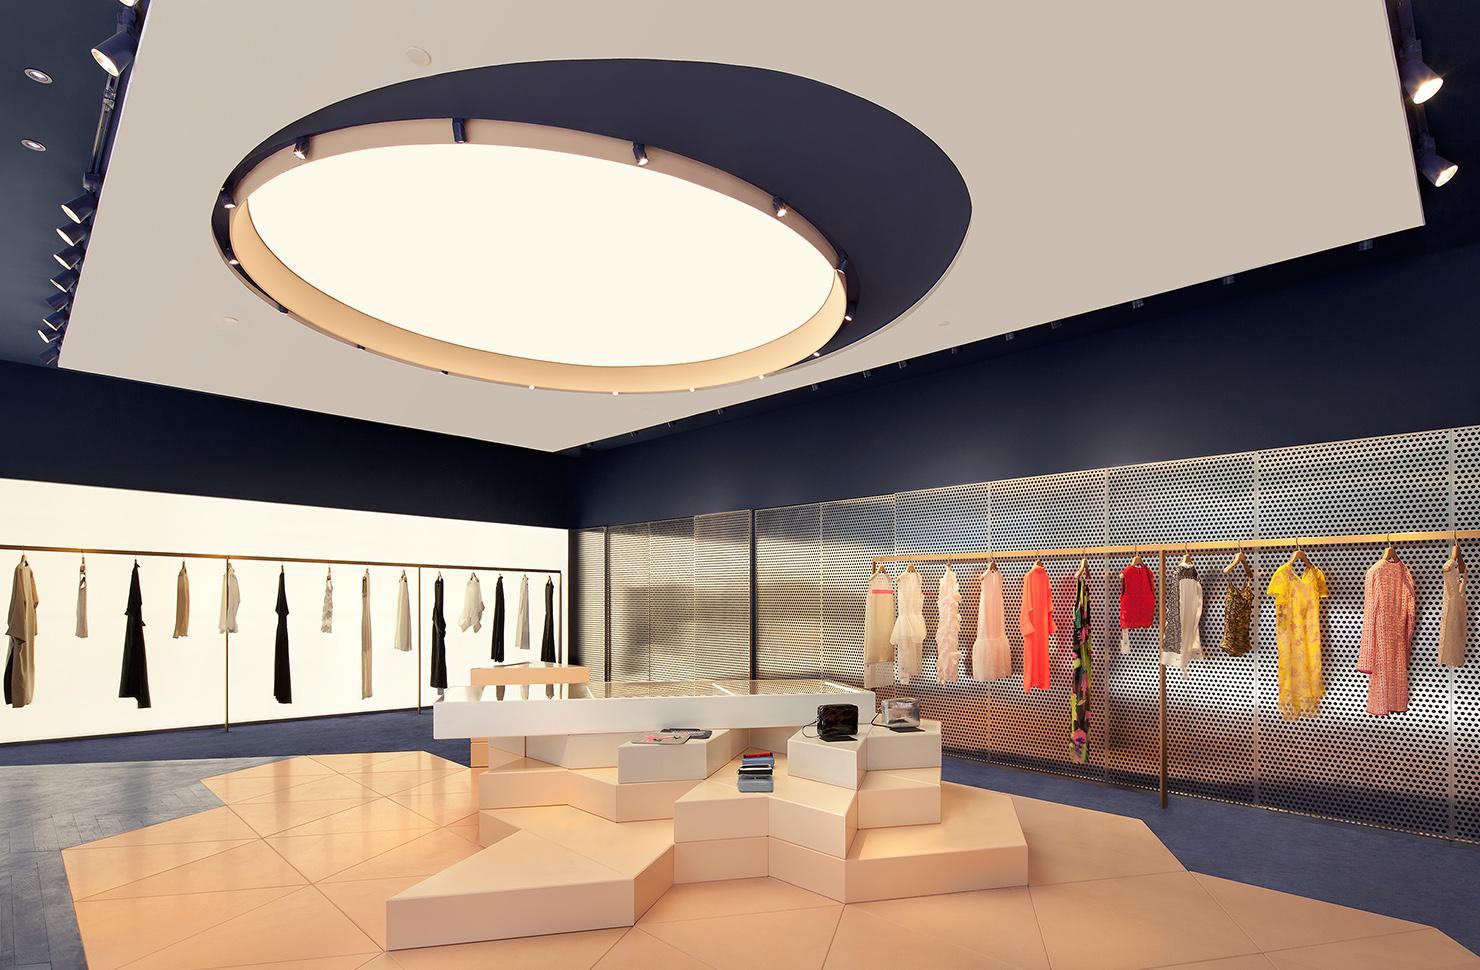 中国设计师品牌买手店/集成店进入发展黄金期:《华丽志》深度访谈业内最有代表性的 6位创始人